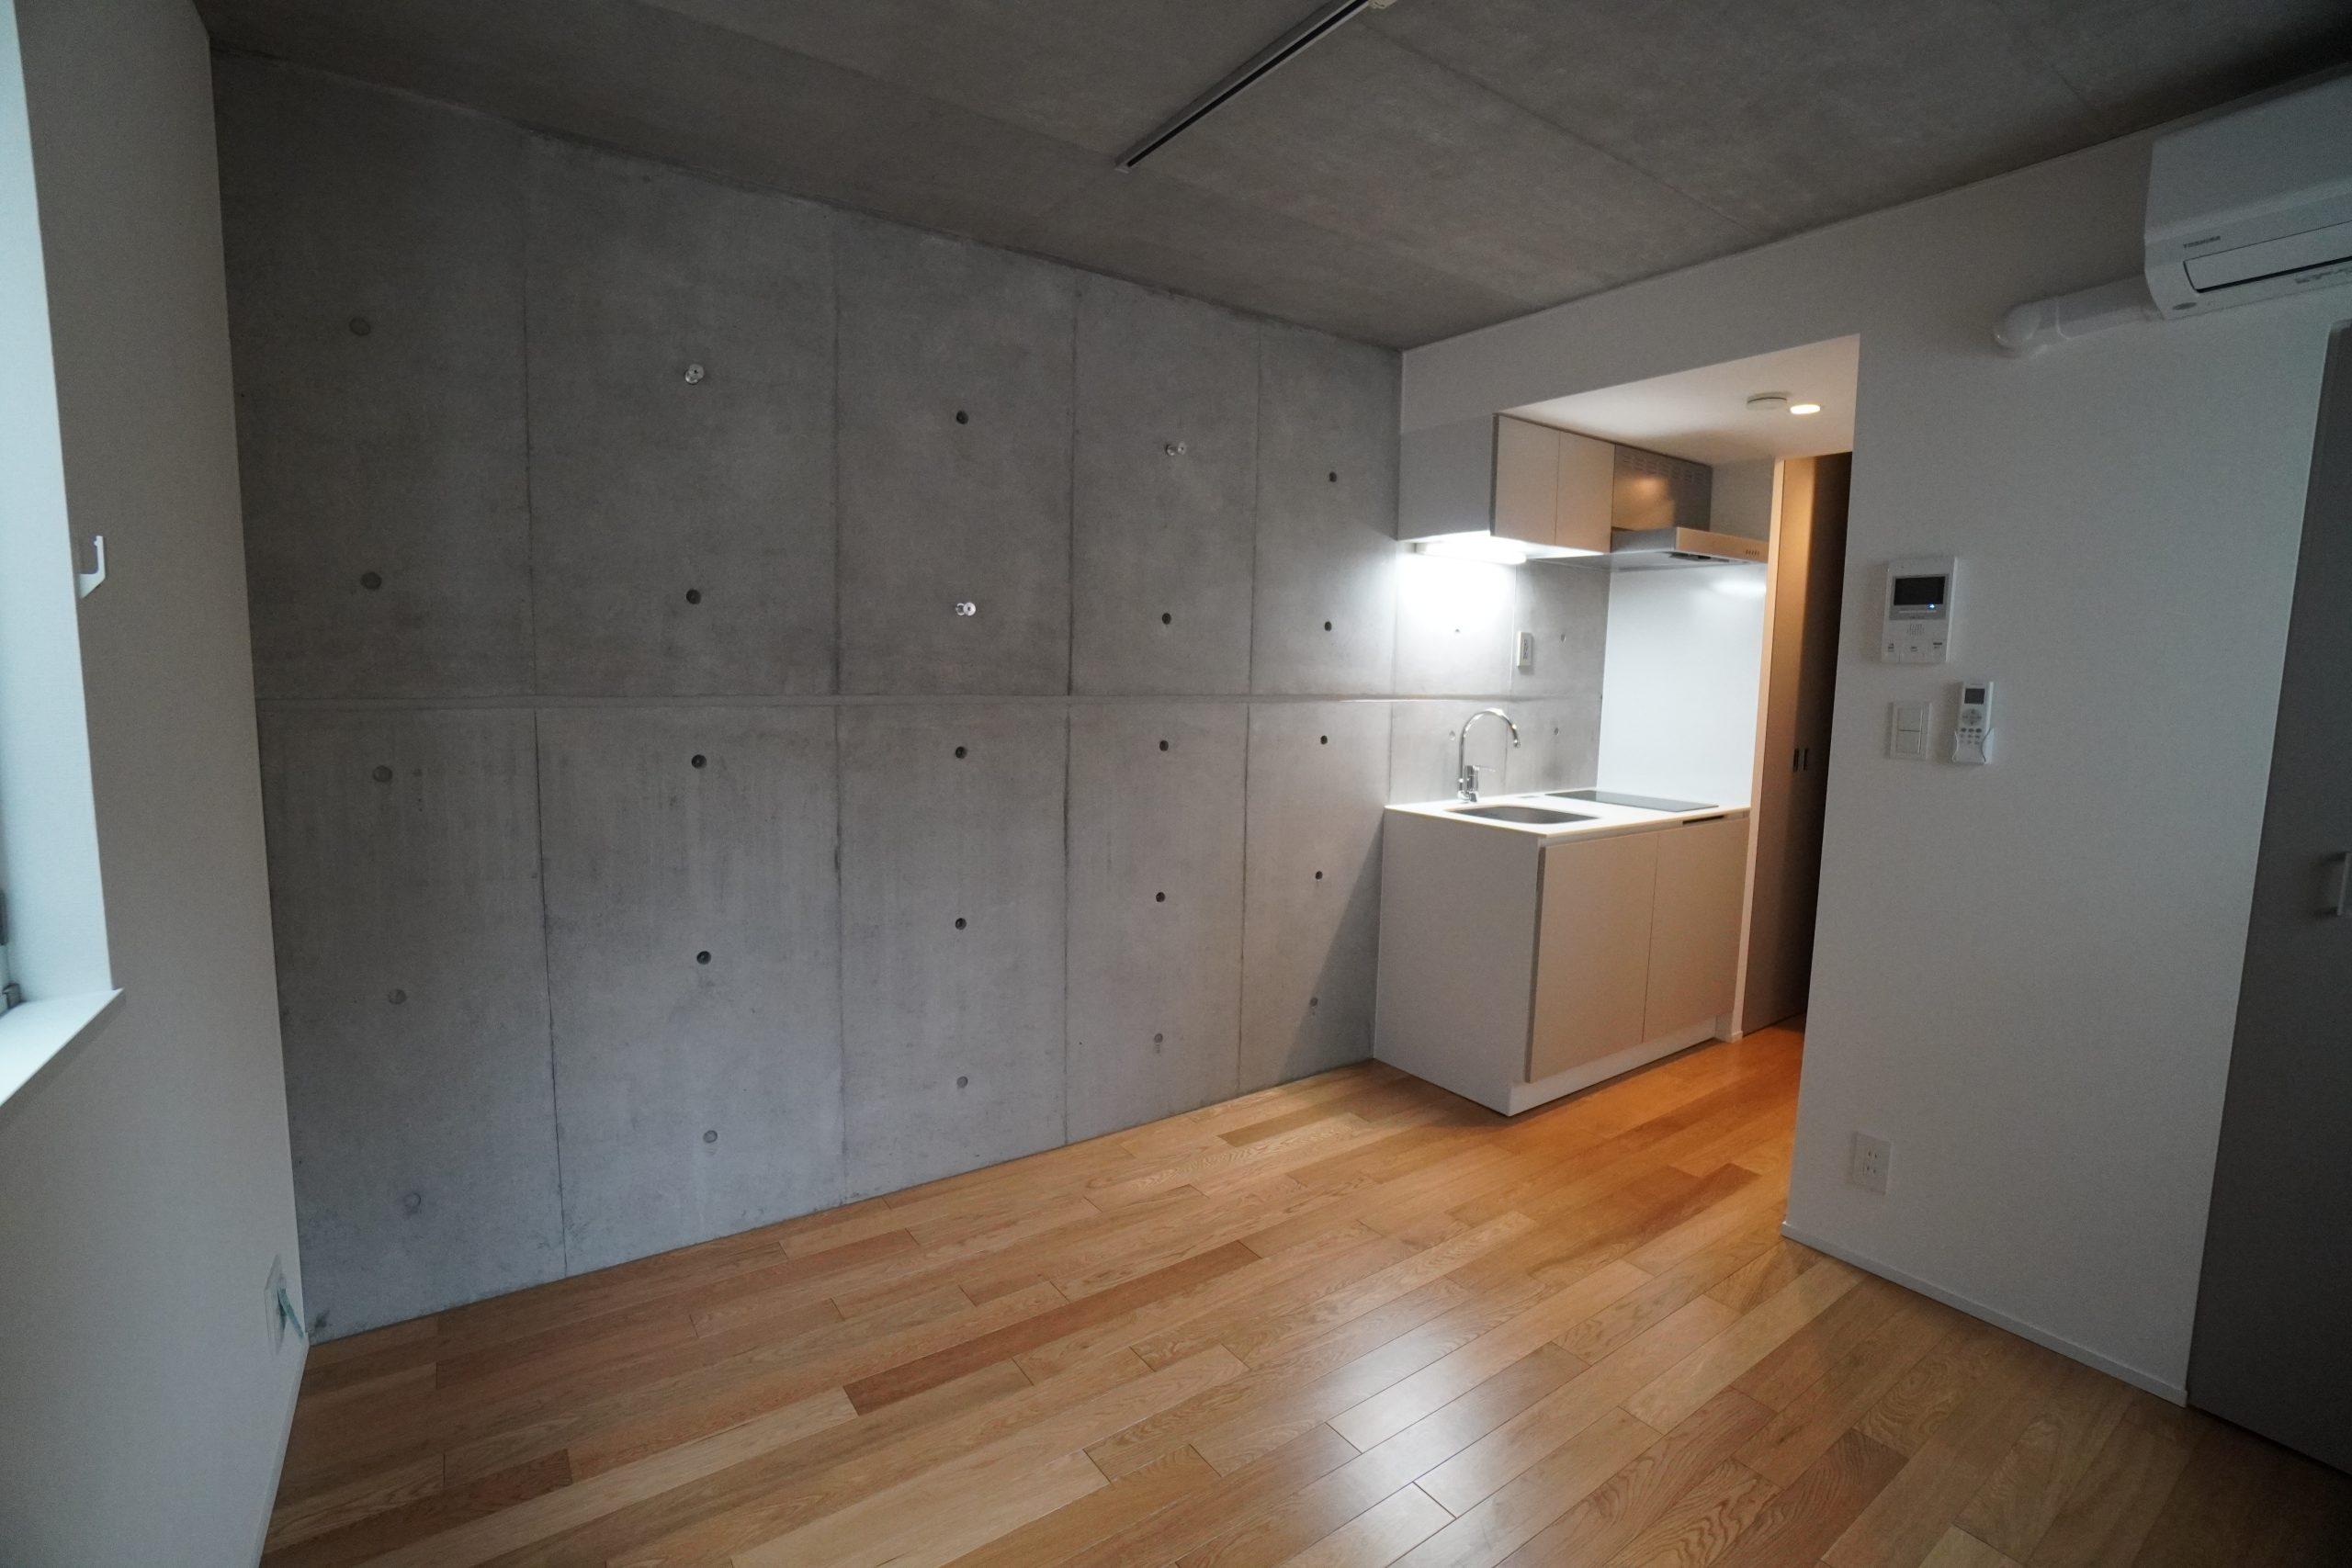 PASEO新宿三丁目I 202の写真4